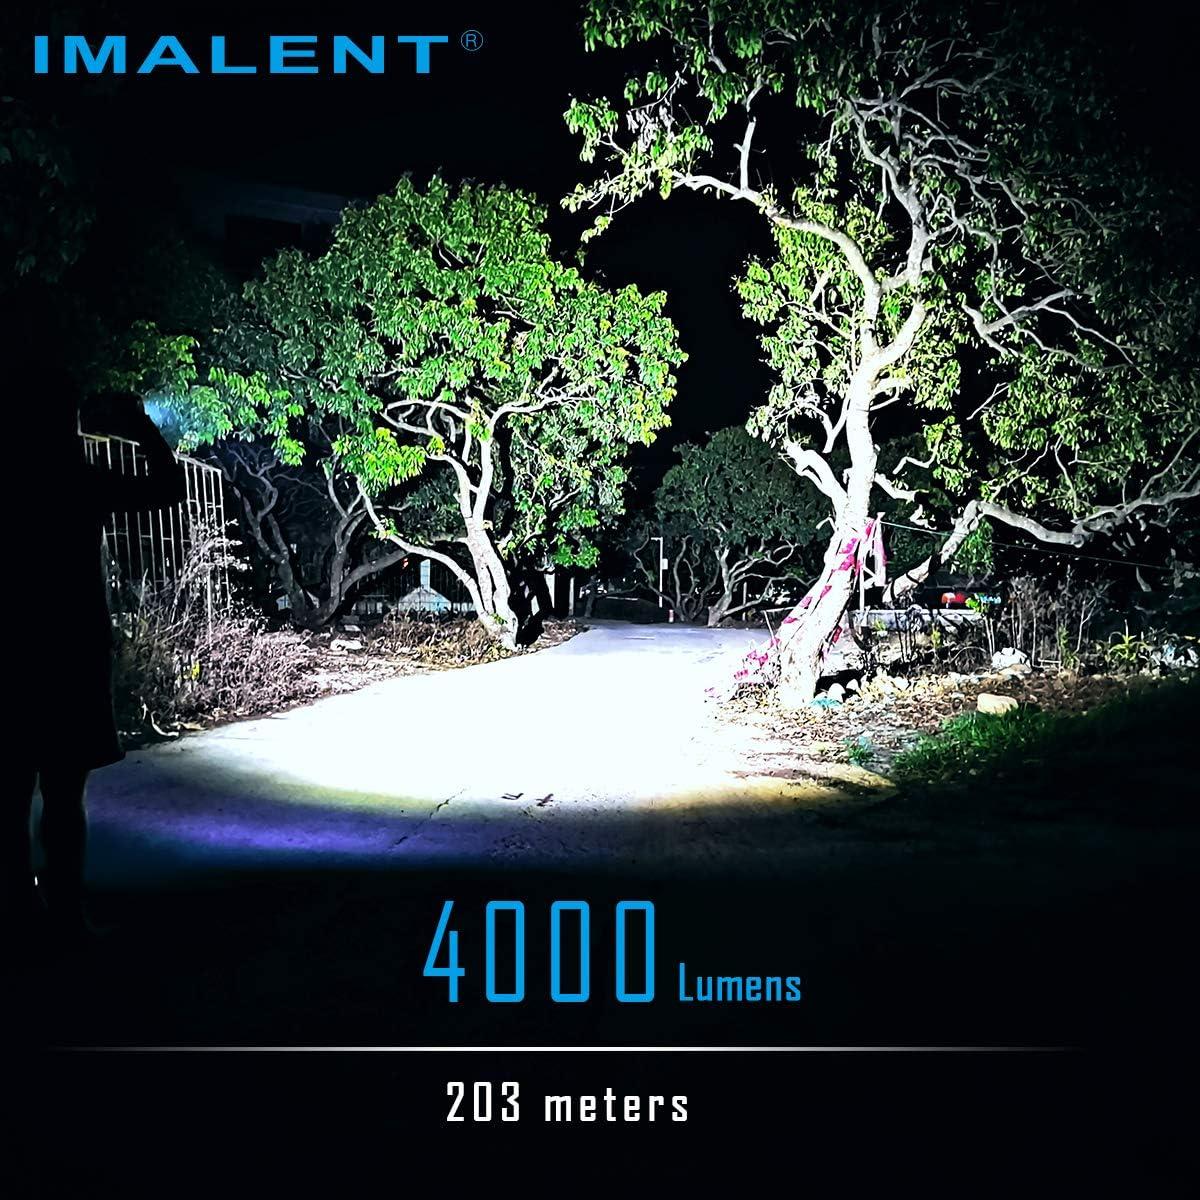 Imalent LD70 EDC Lampe torche LED rechargeable haute performance 4000 lumens avec LED CREE XHP70.2 6 niveaux de luminosit/é pour le camping et la randonn/ée noir avec /écran OLED